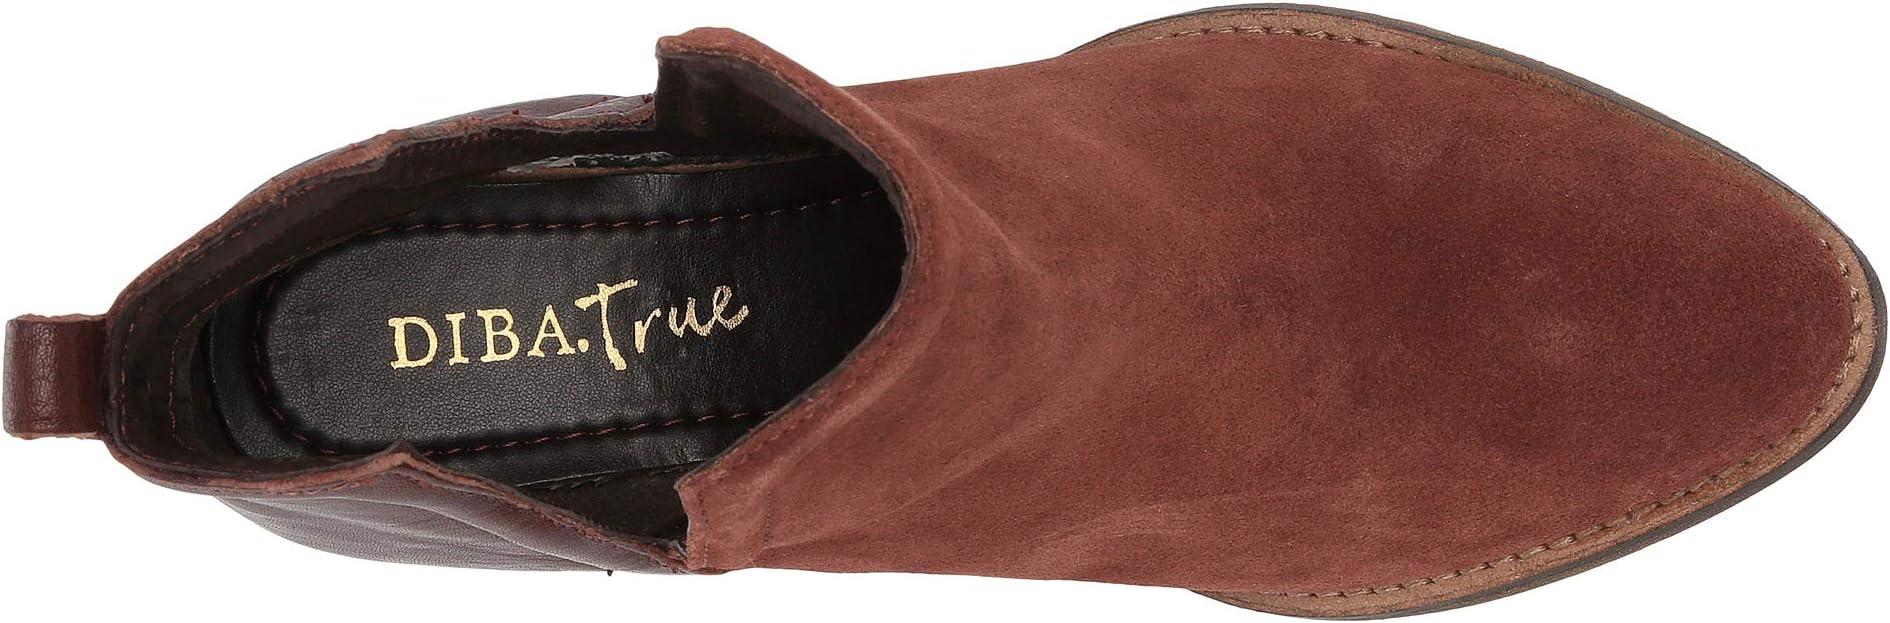 Diba True Short Side | Women's shoes | 2020 Newest